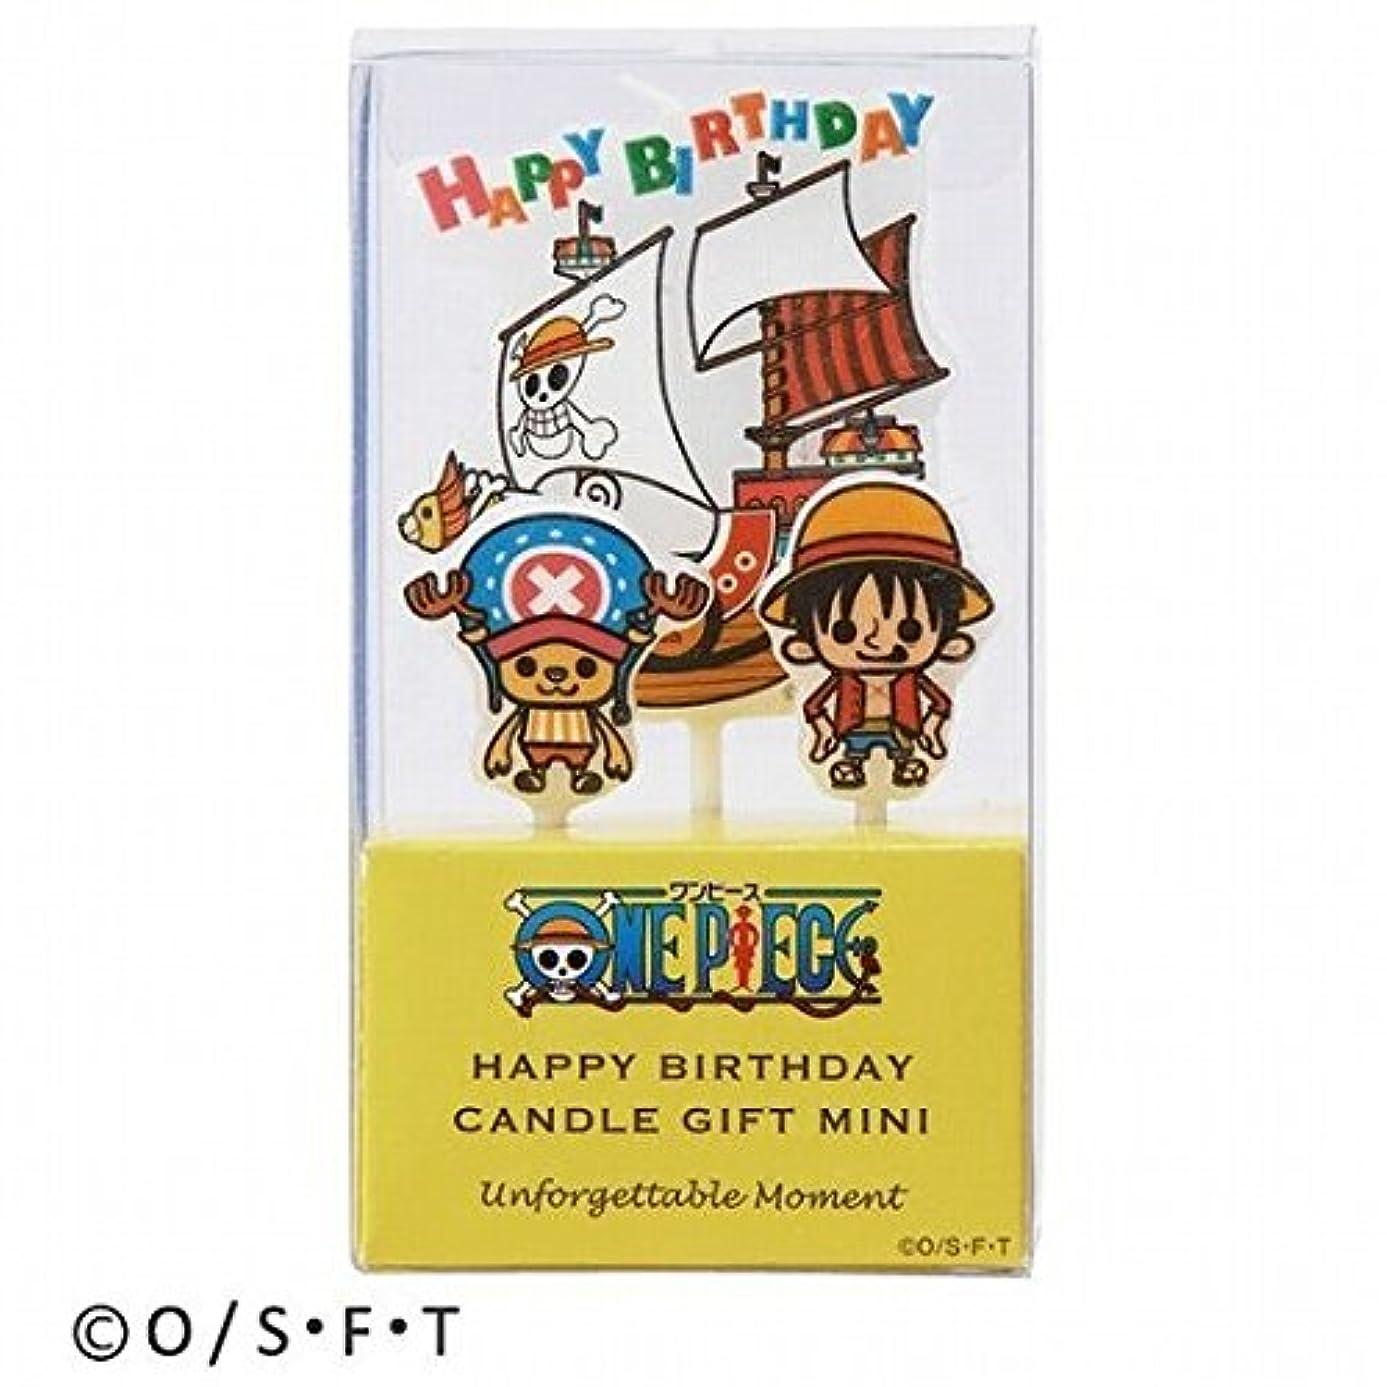 船外怖い思われるkameyama candle(カメヤマキャンドル) ワンピースキャンドルギフトミニ 「 ハッピーバースデー 」(55360010)